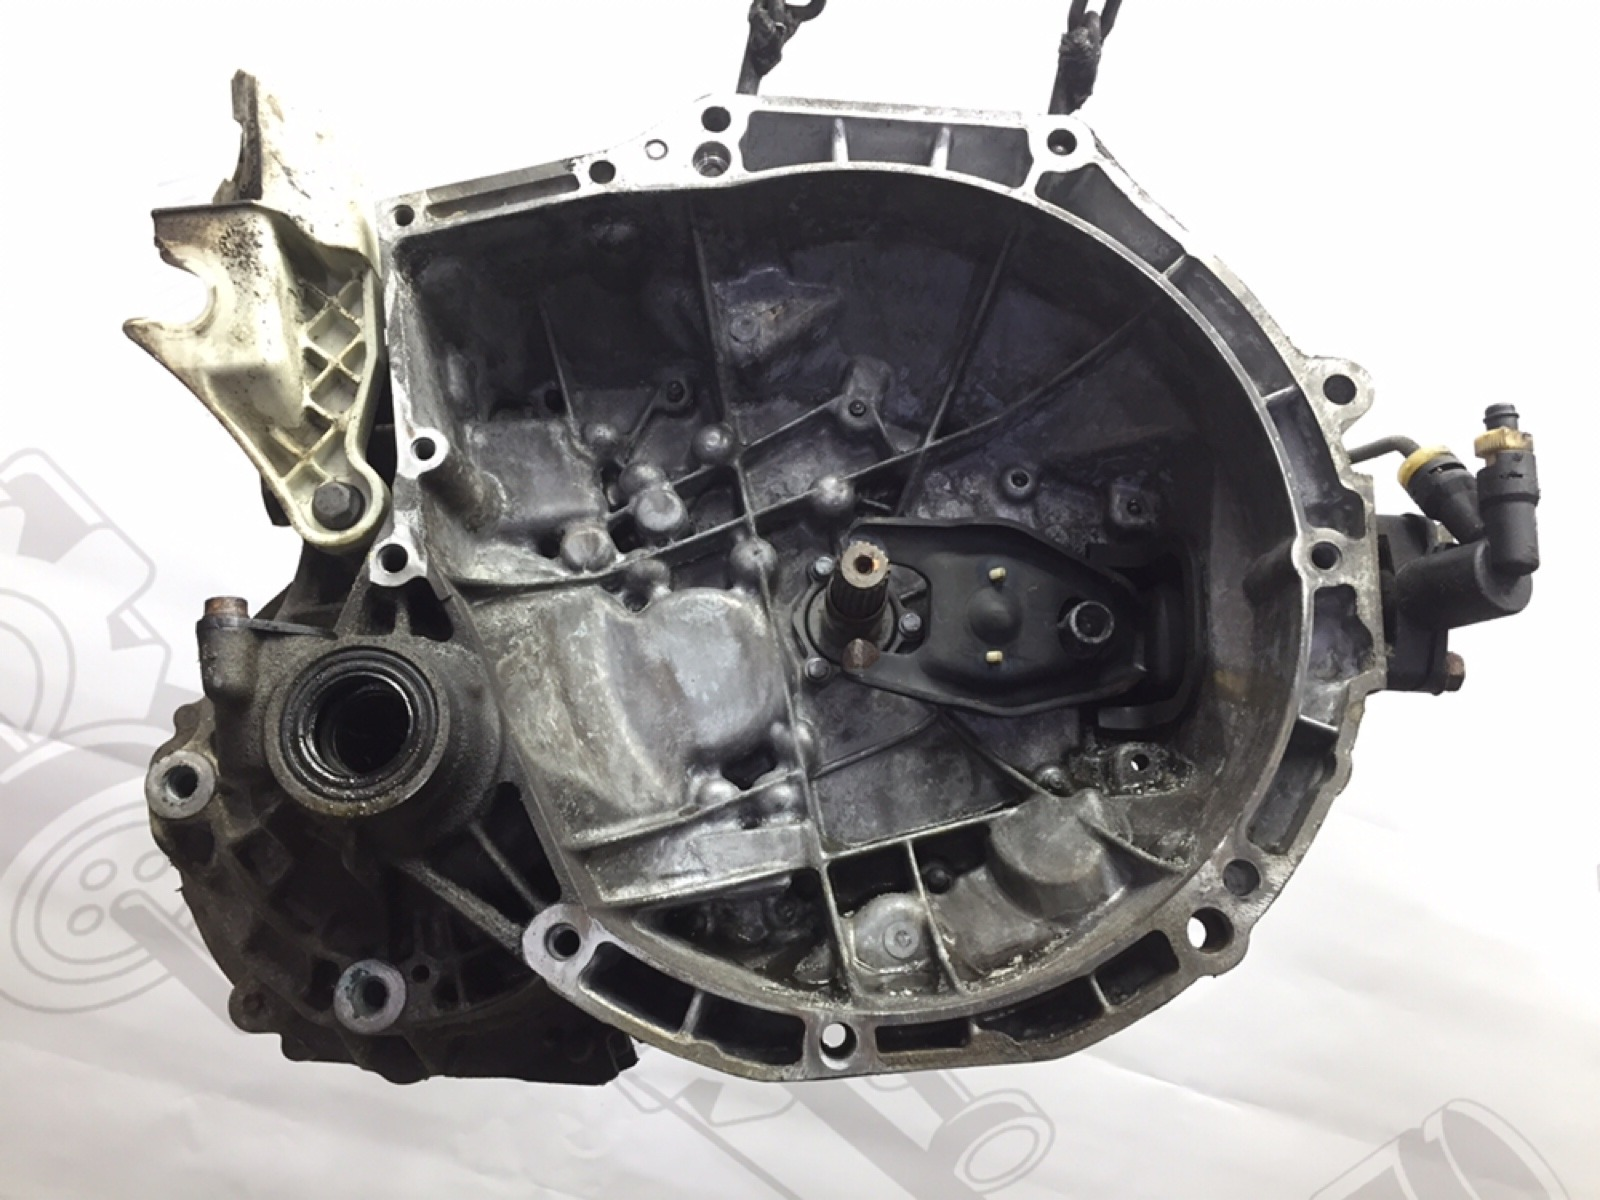 Кпп механическая (мкпп) Peugeot 207 1.4 I 2008 (б/у)